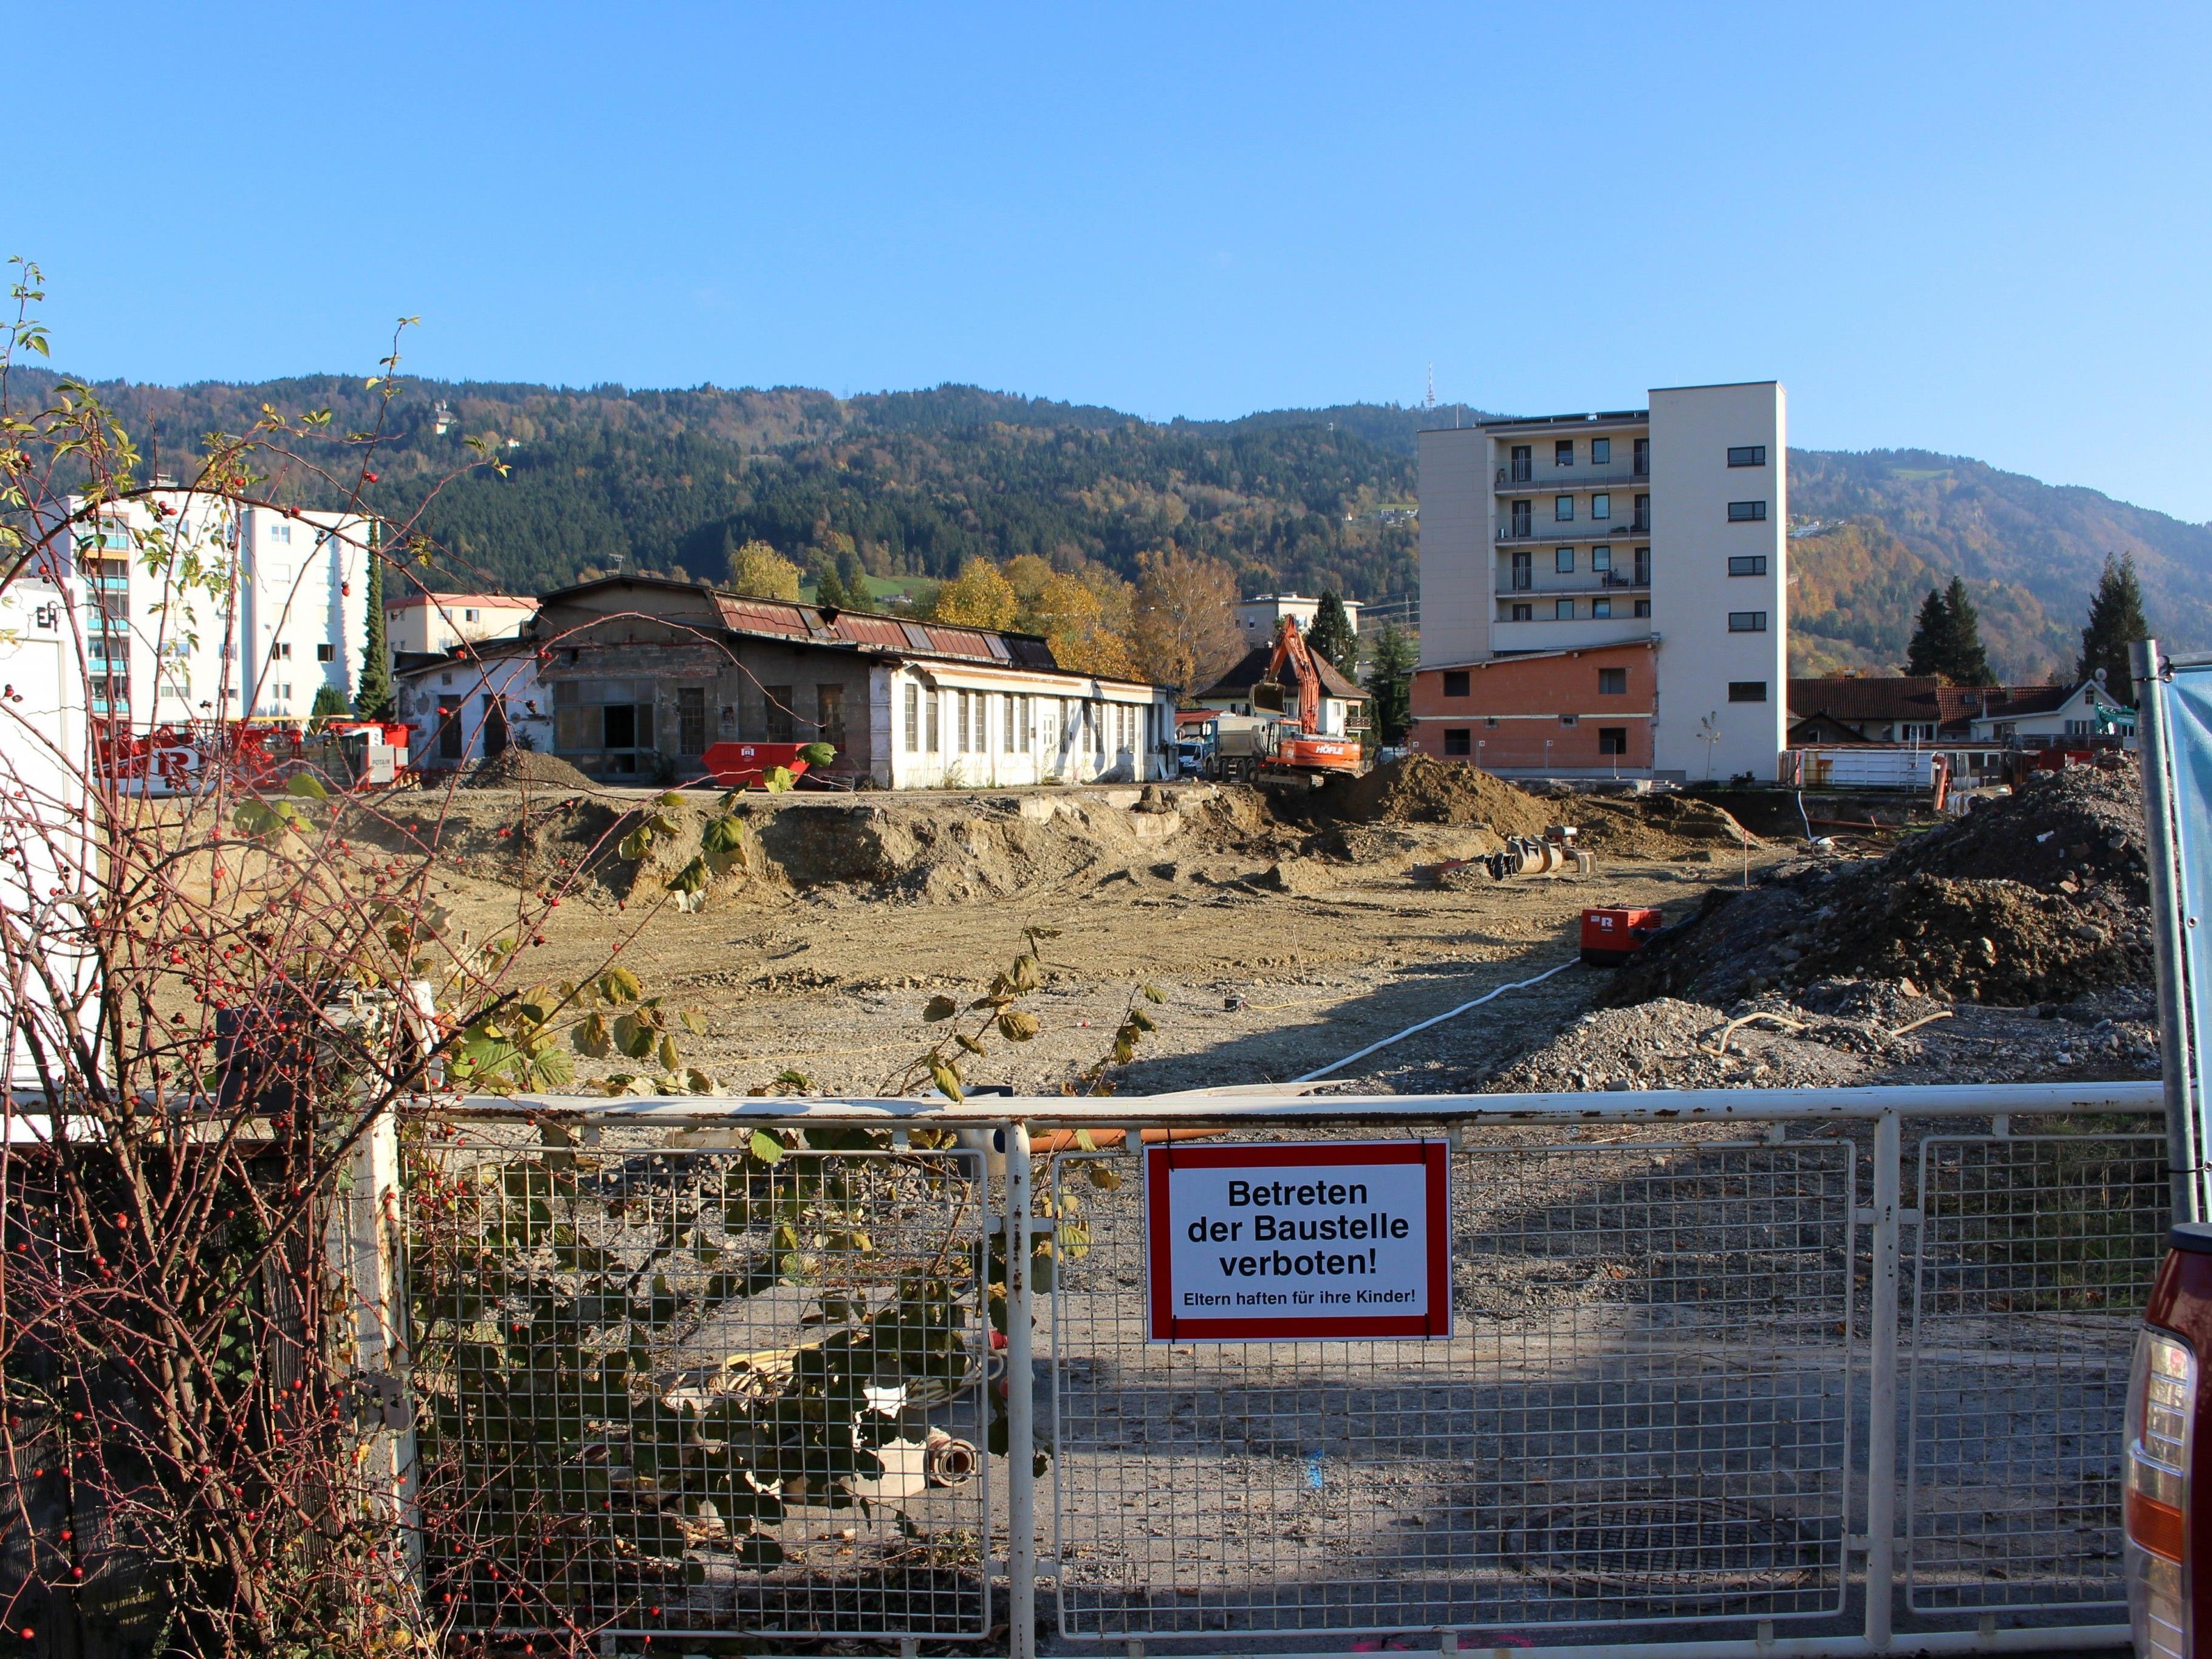 Baustart für mehr Wohnraum in Lochau: In Seenähe entstehen auf dem ehemaligen Diem-Areal 135 Wohnungen in sieben unterschiedlich hohen Gebäudekörpern.